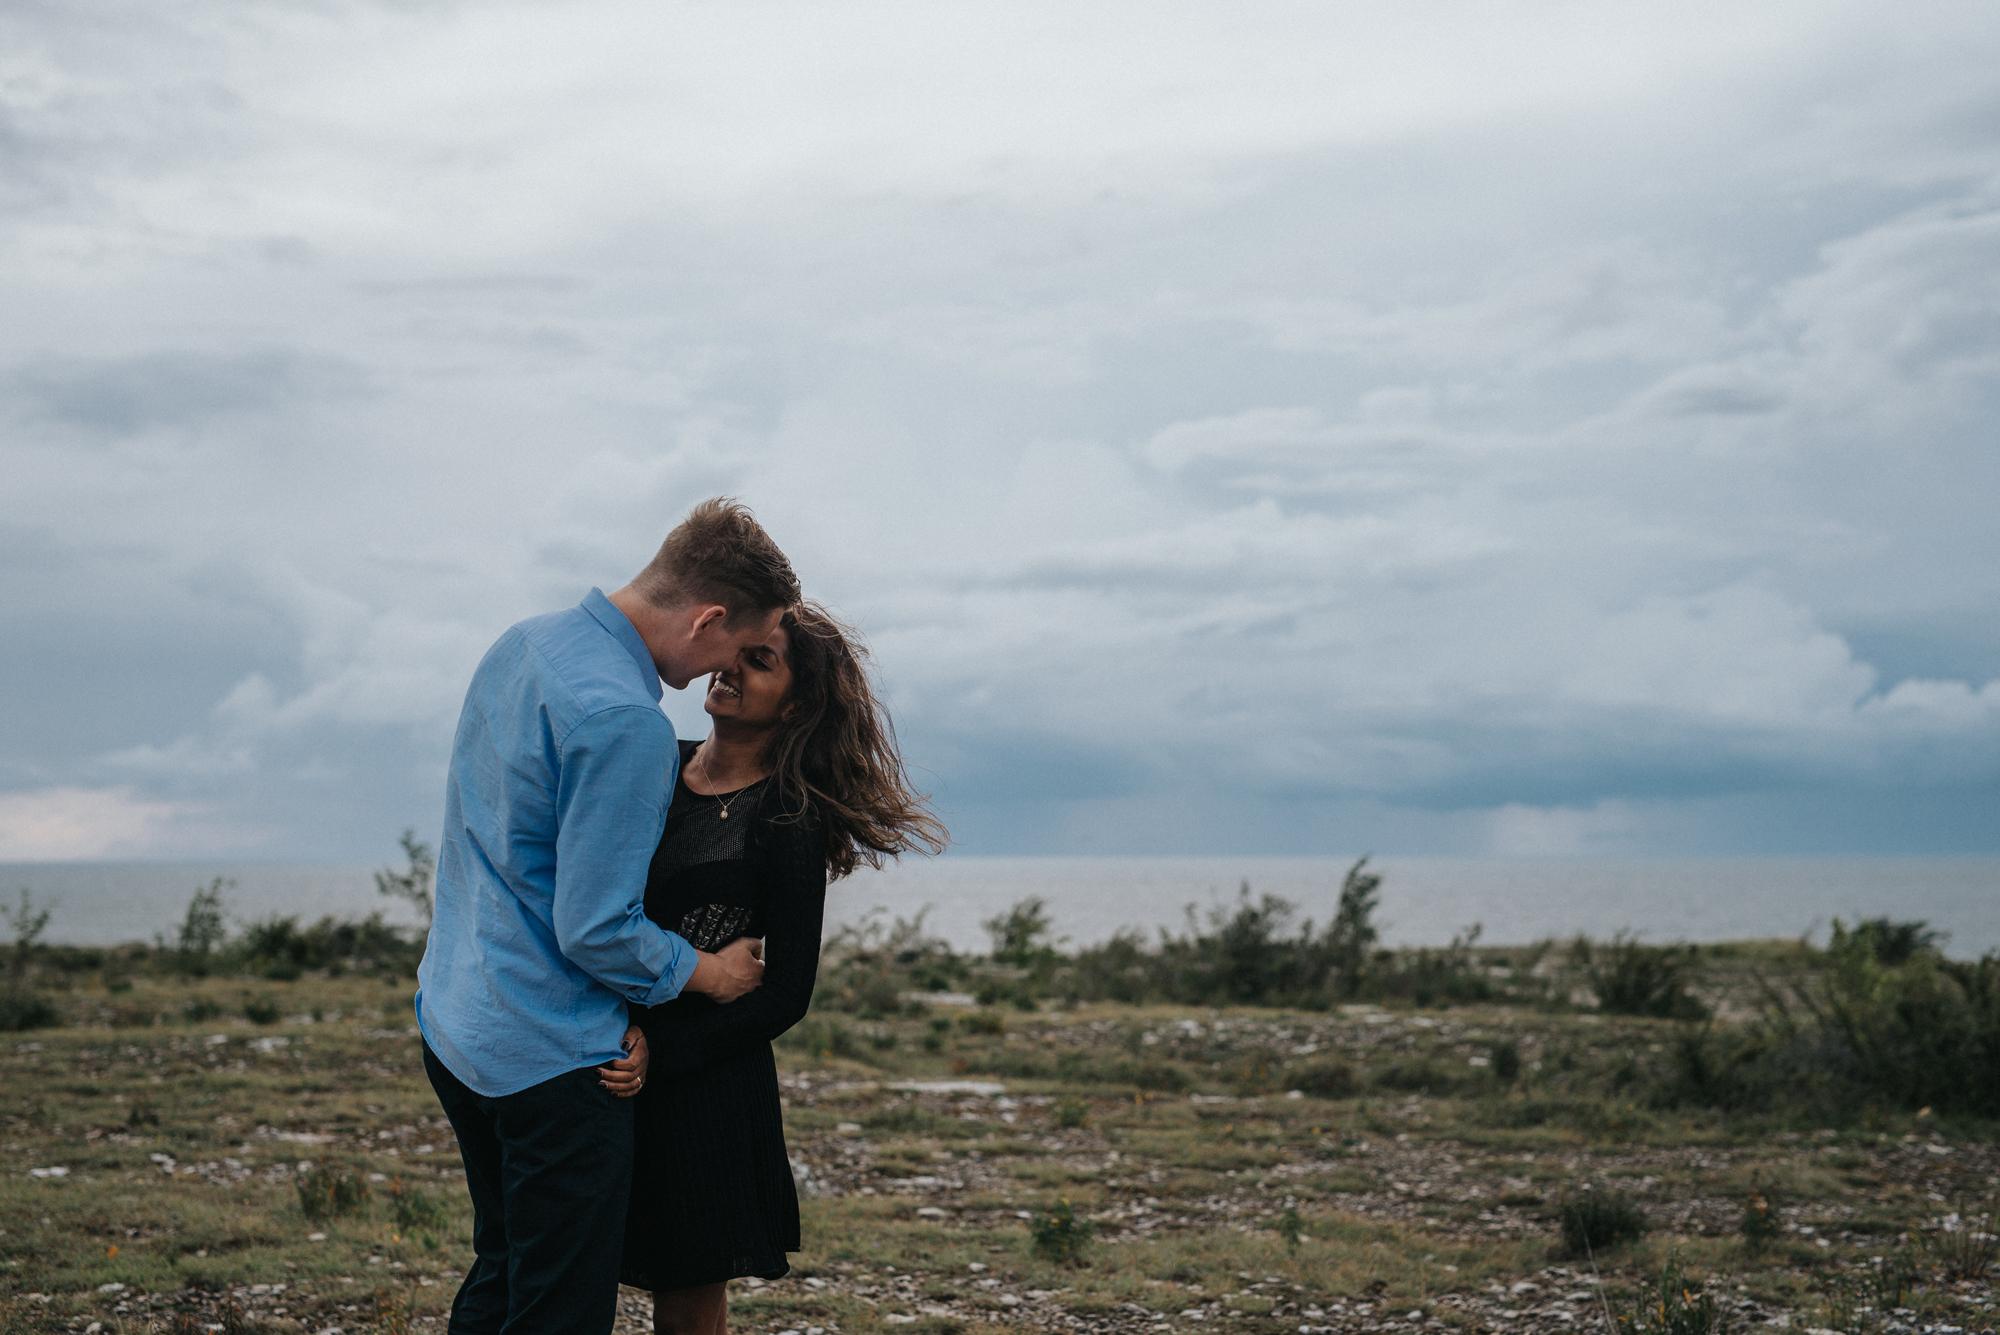 036-kärleksfotografering-gotland-neas-fotografi.jpg